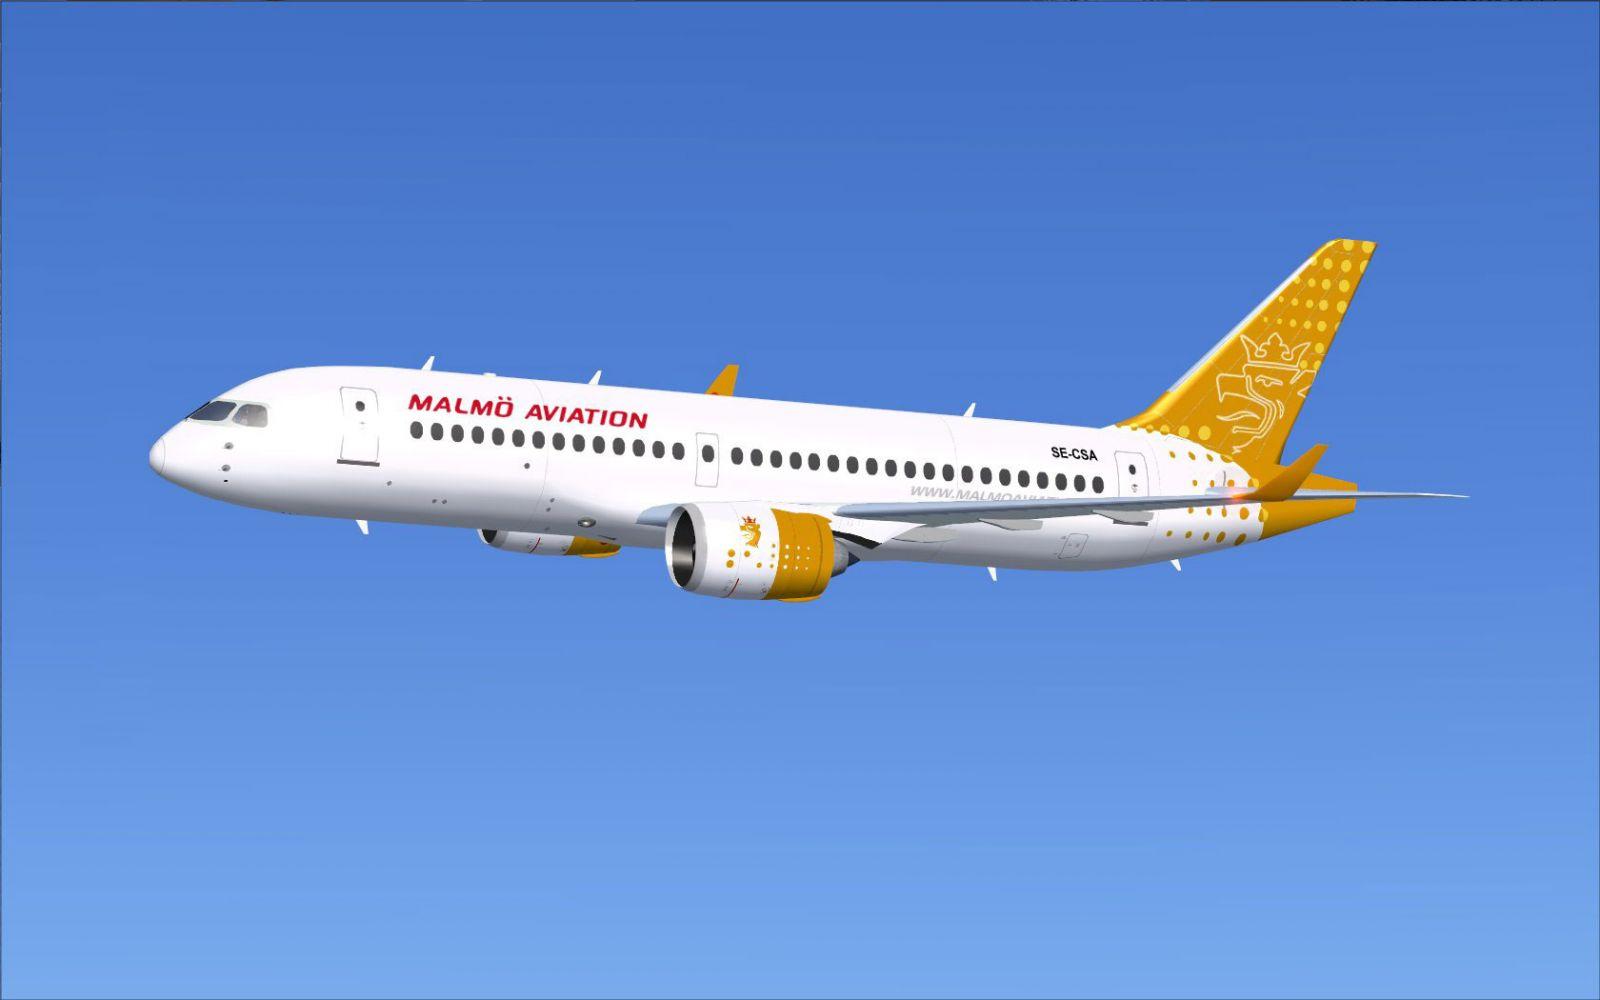 Resultado de imagen de Malmö Aviation